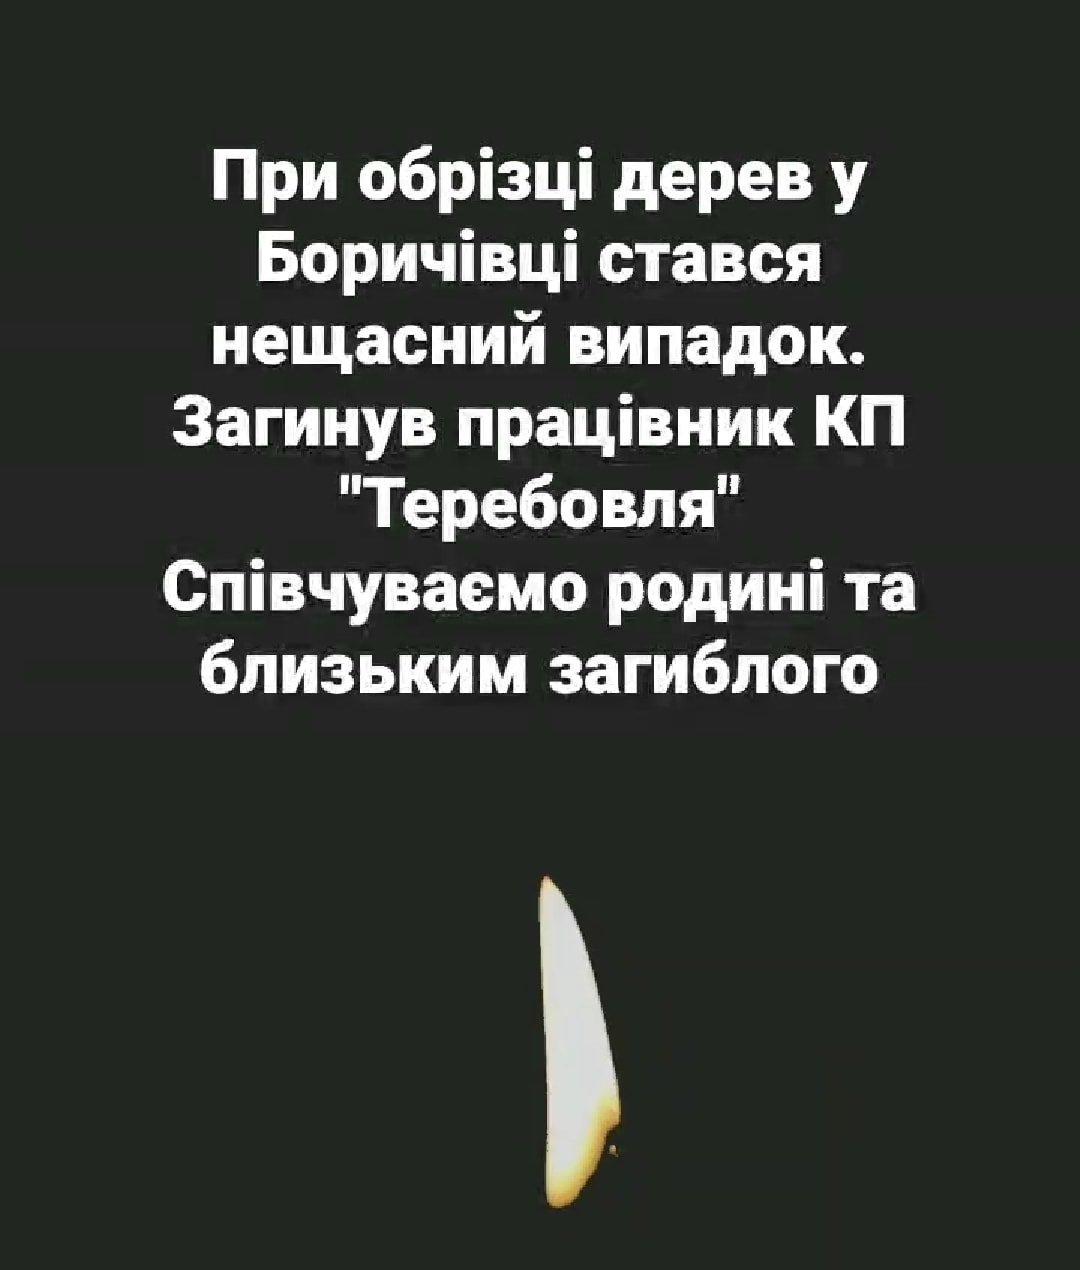 Трагедія на Тернопільщині: працівник комунального підприємства загинув прямо під час роботи, фото-1